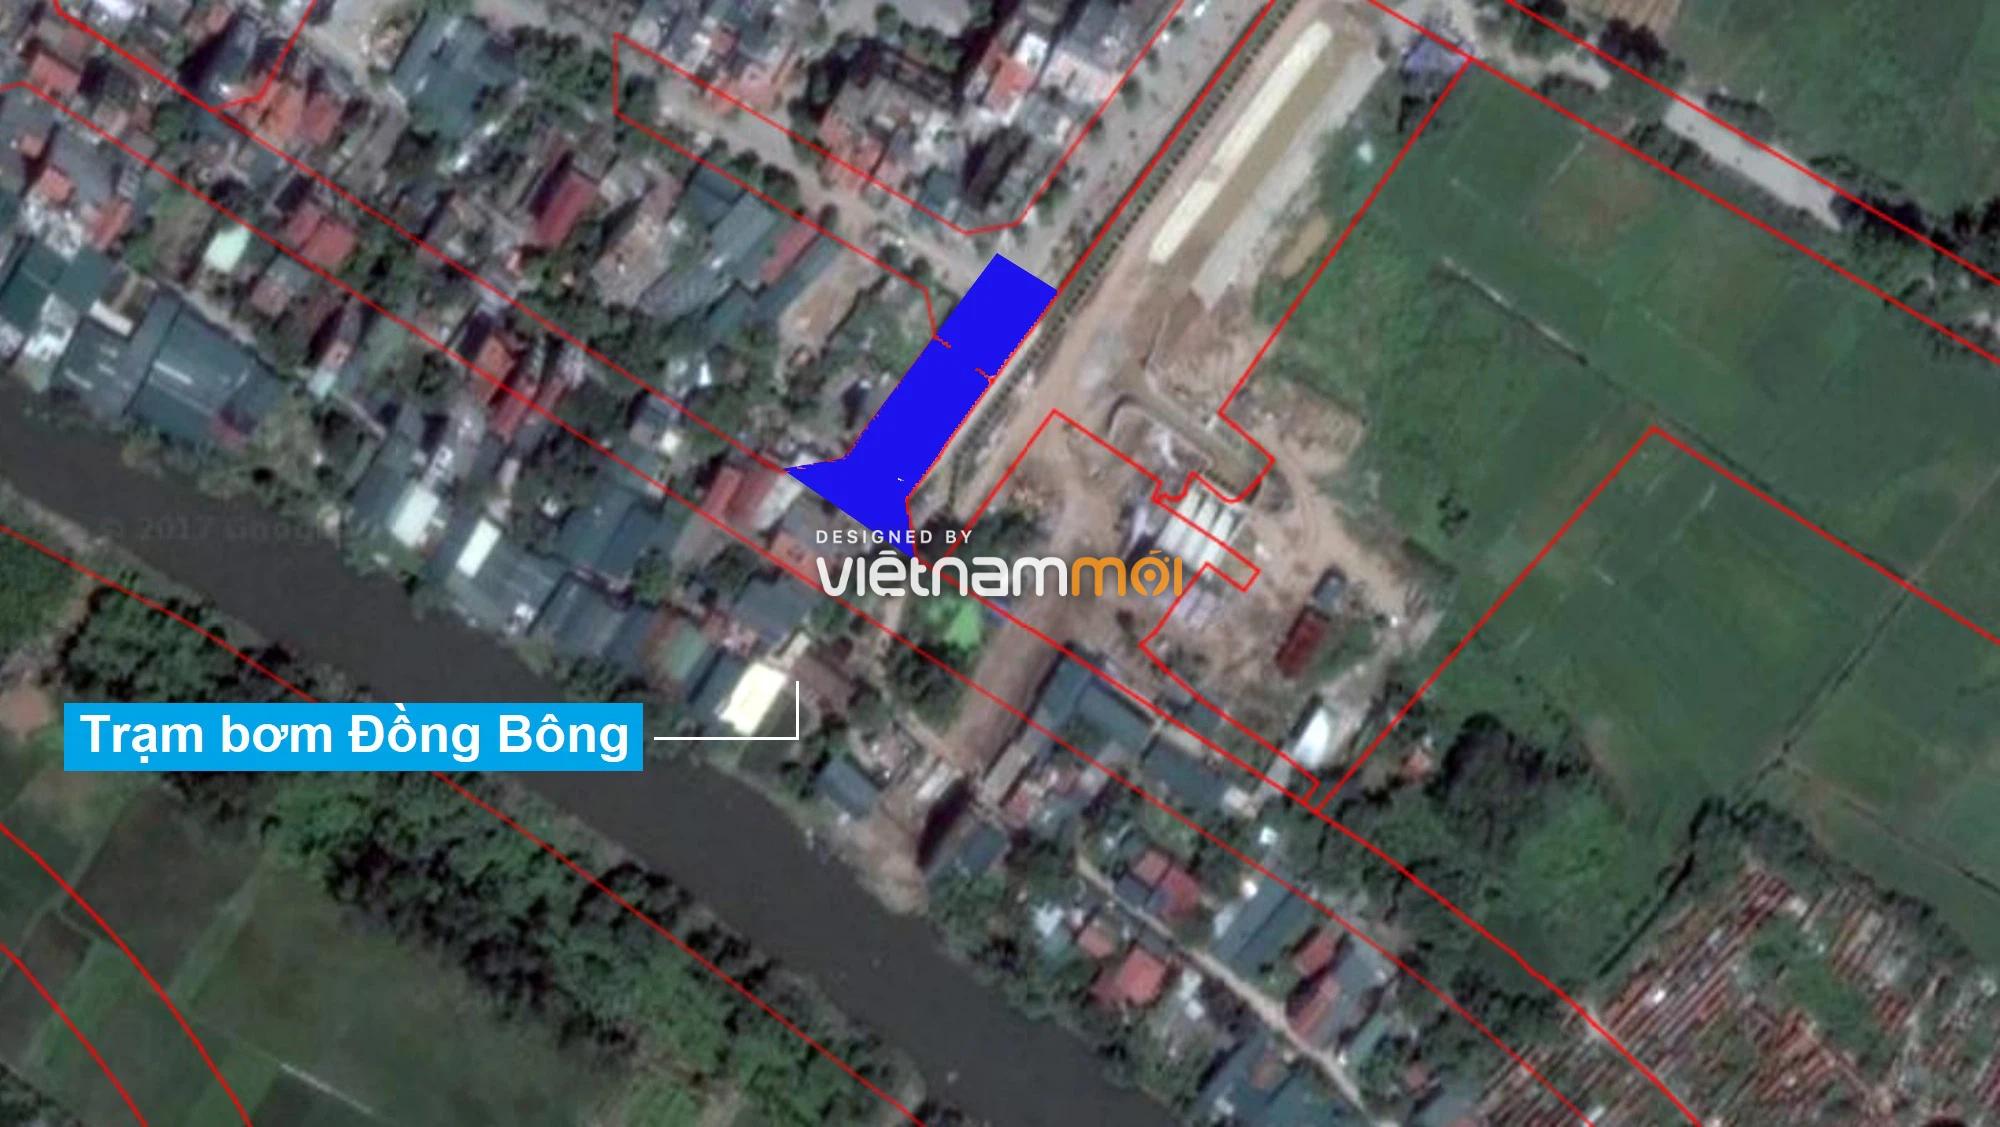 Những khu đất sắp thu hồi để mở đường ở phường Trung Văn, Nam Từ Liêm, Hà Nội (phần 1) - Ảnh 15.